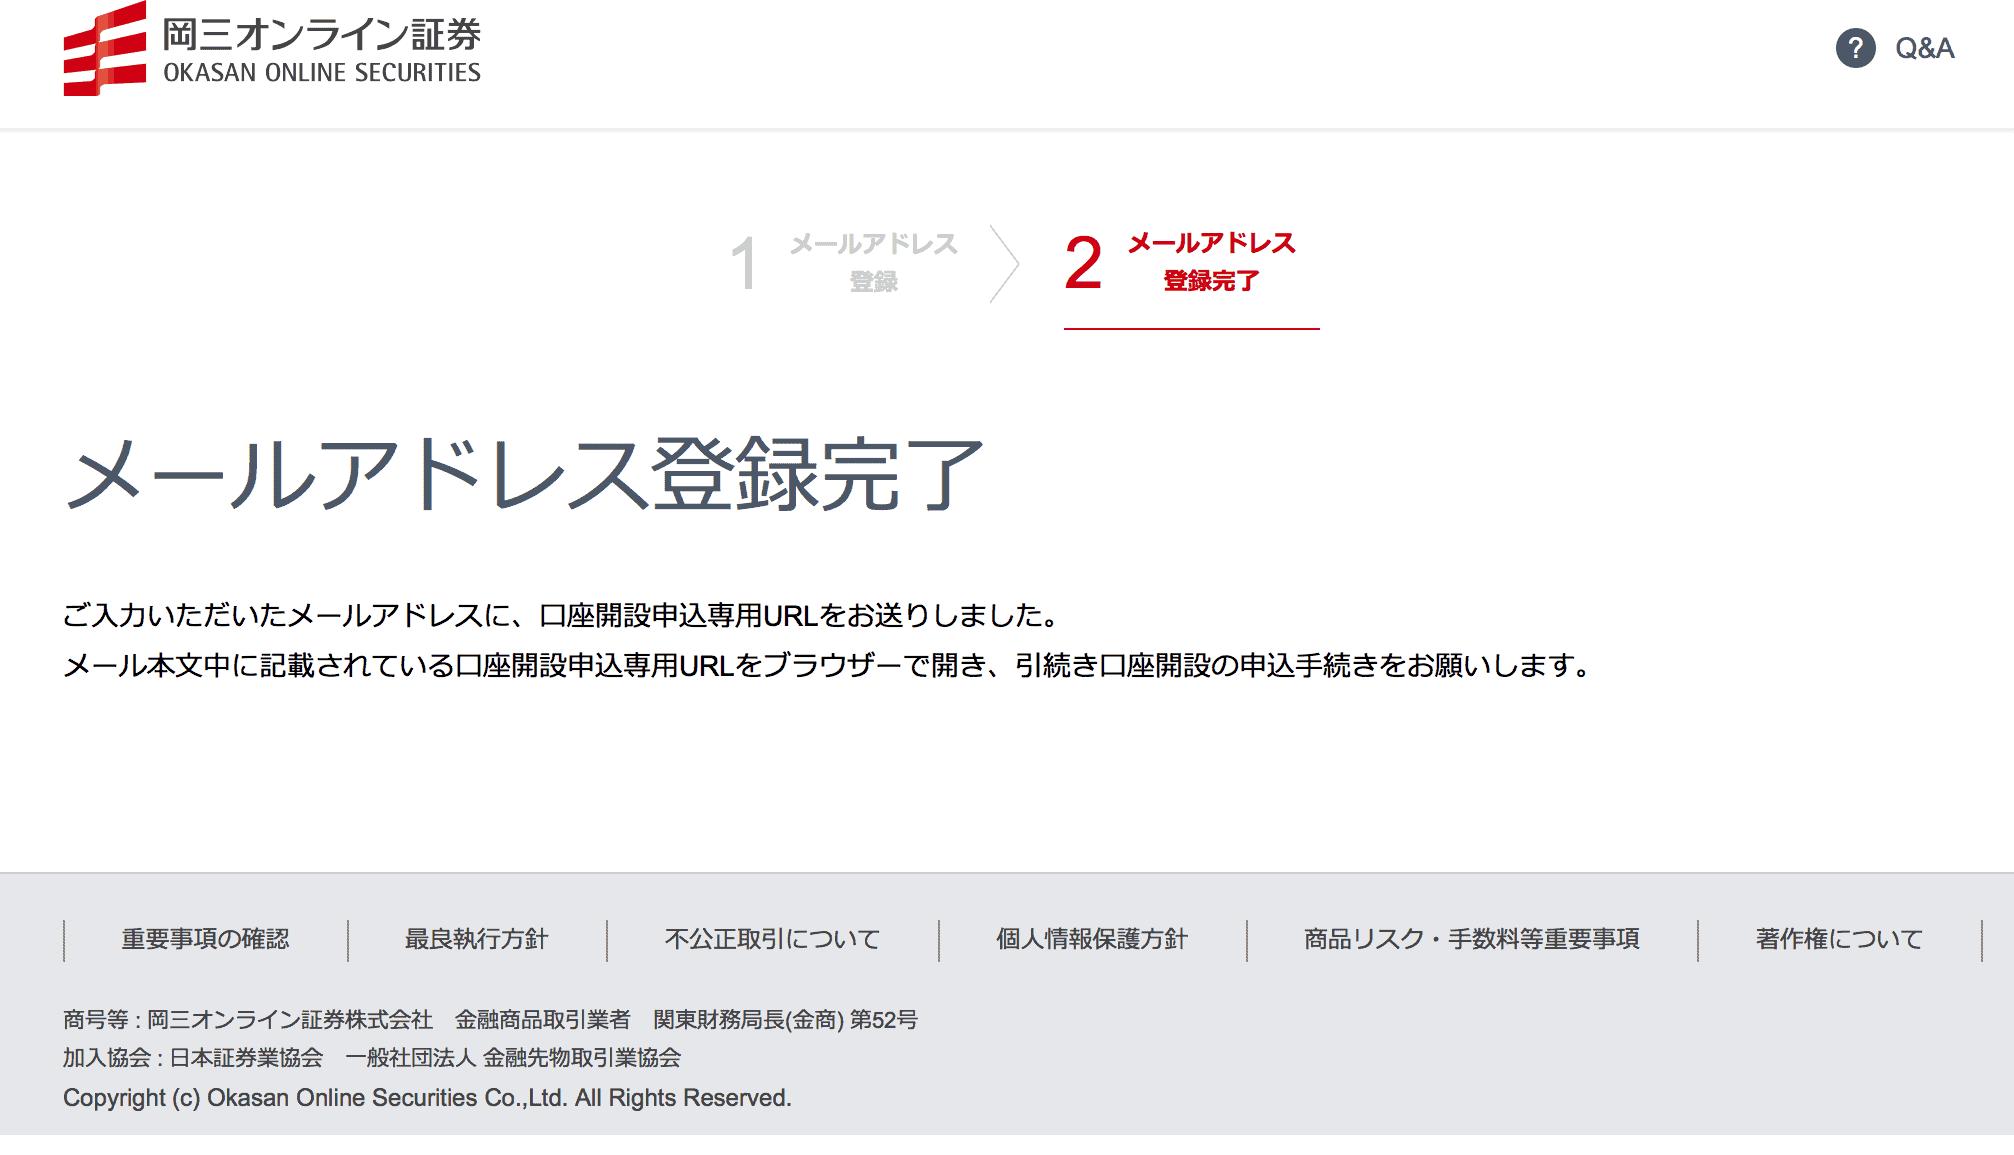 岡三オンライン証券口座開設申し込み専用URLのメールアドレス登録完了画面